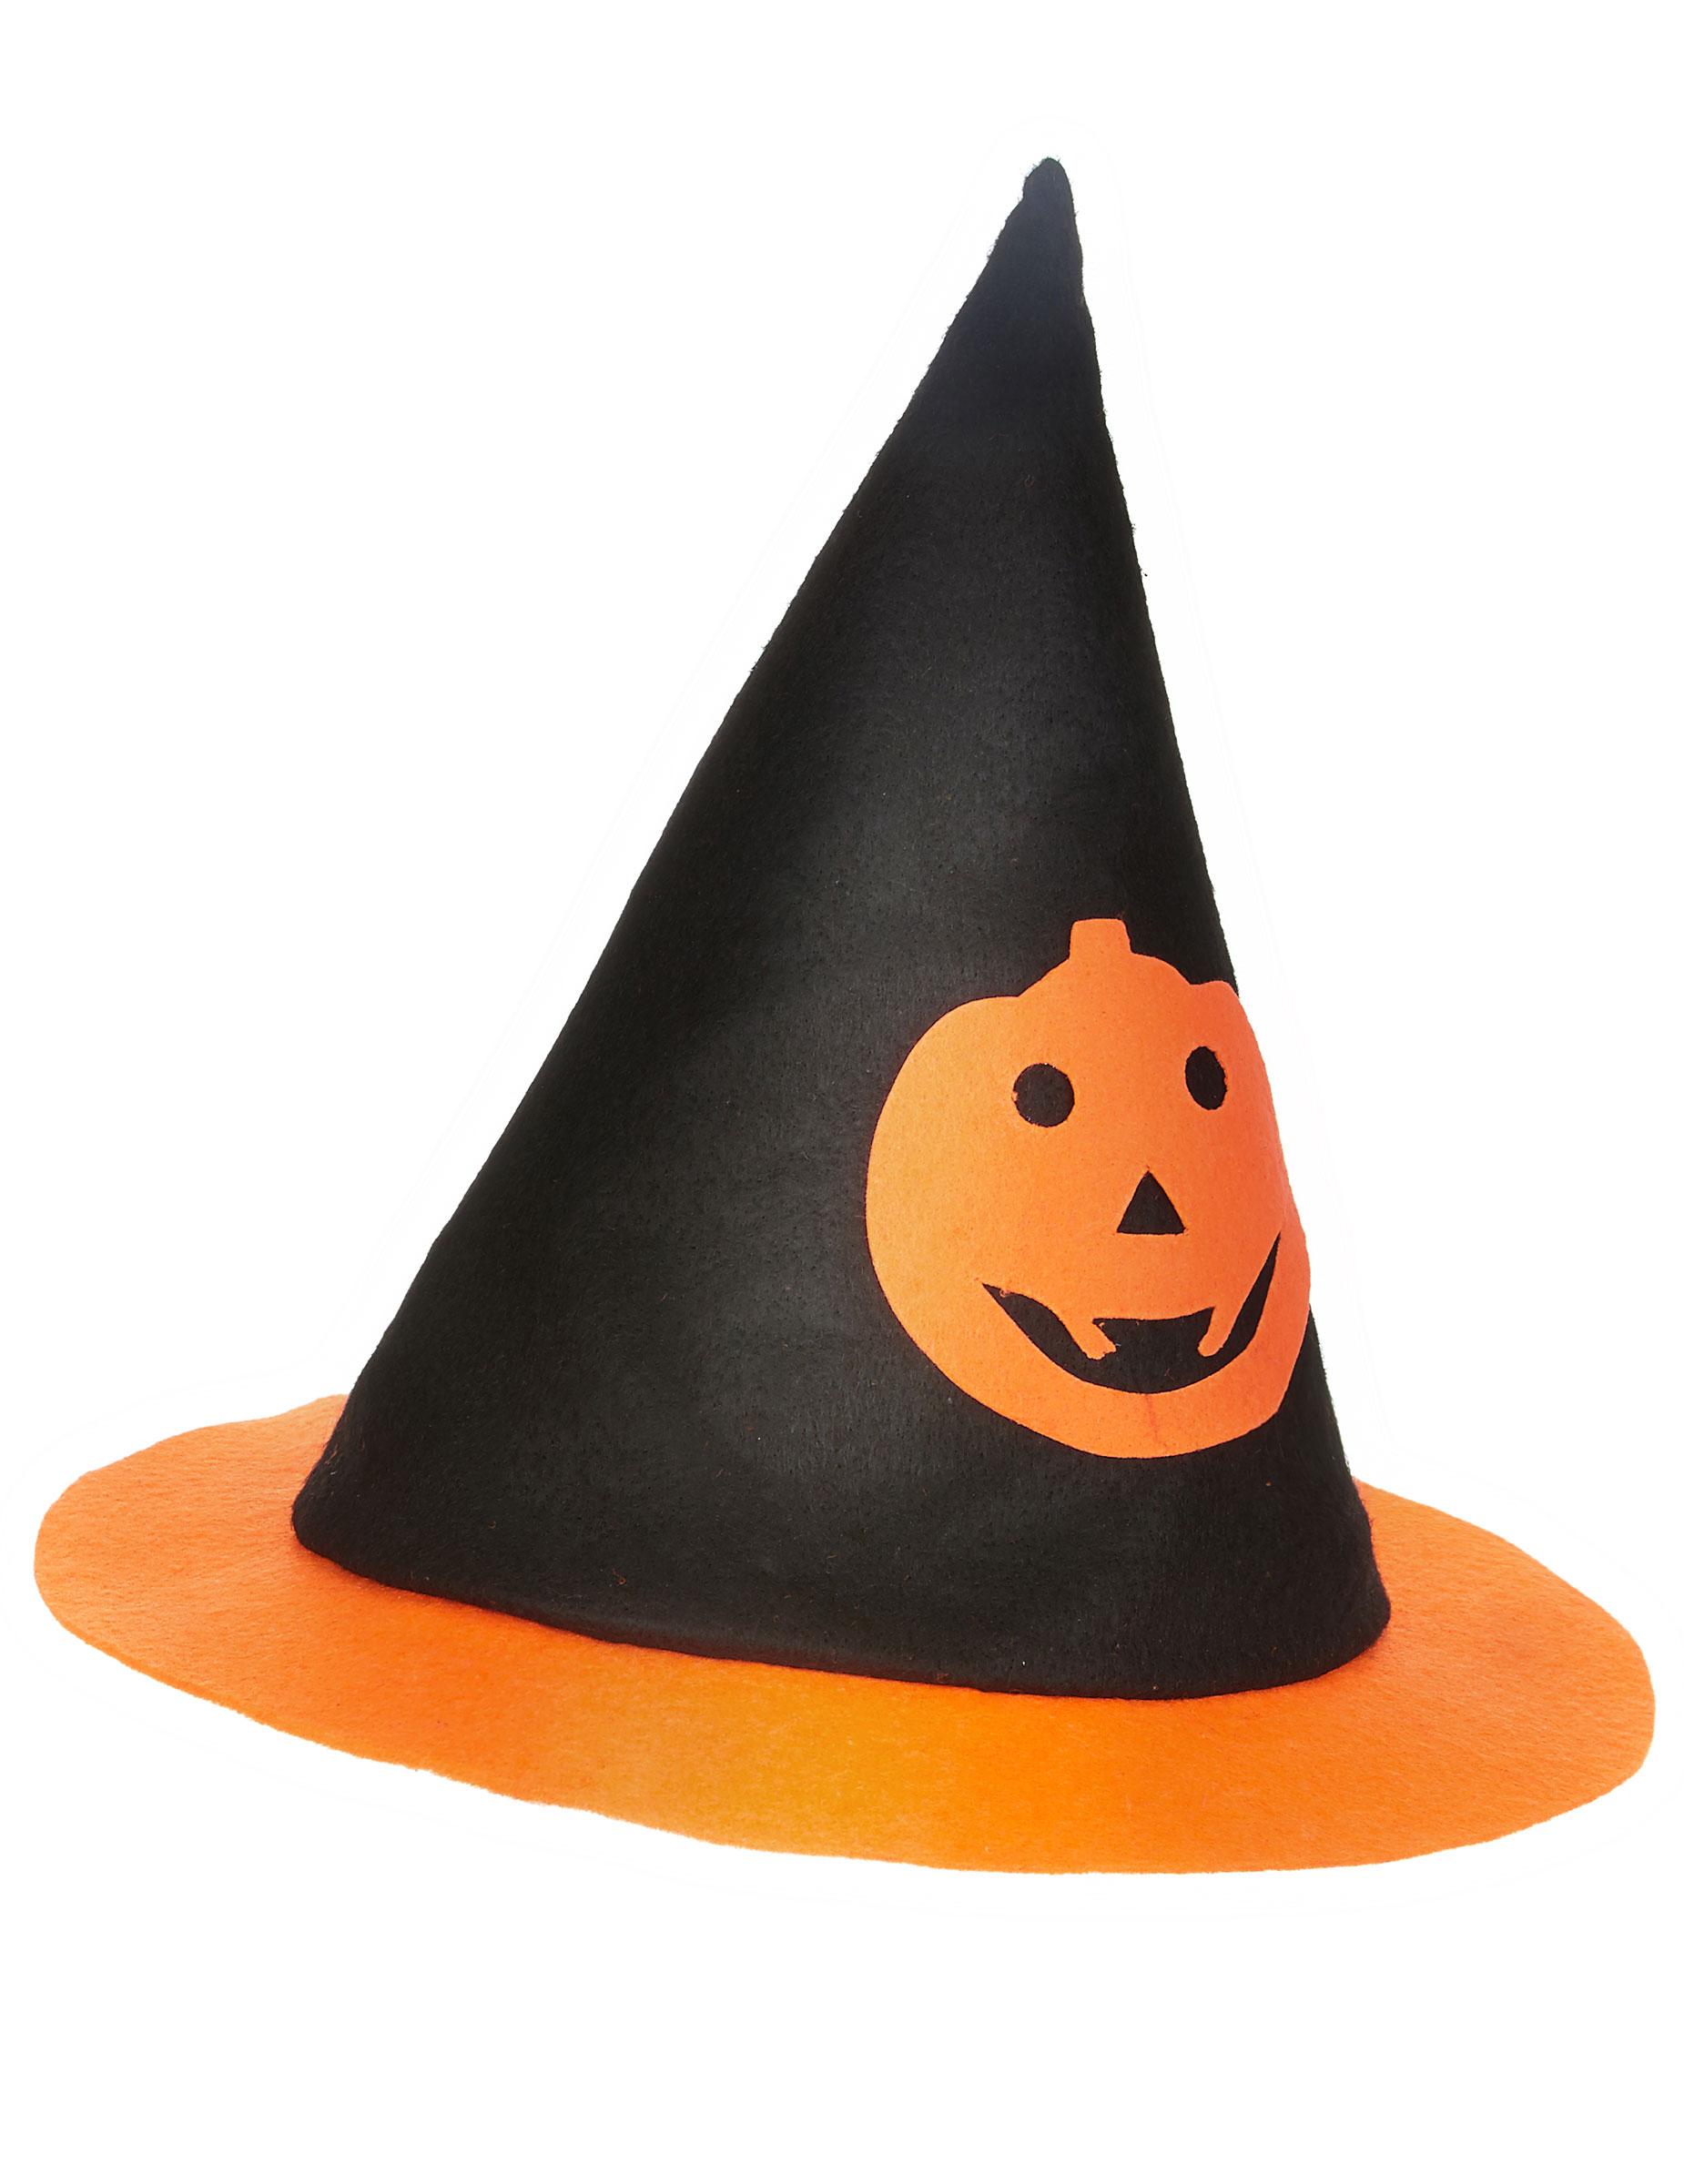 Exceptionnel Chapeaux d'Halloween : votre chapeau pour la fête d'Halloween avec  KV81